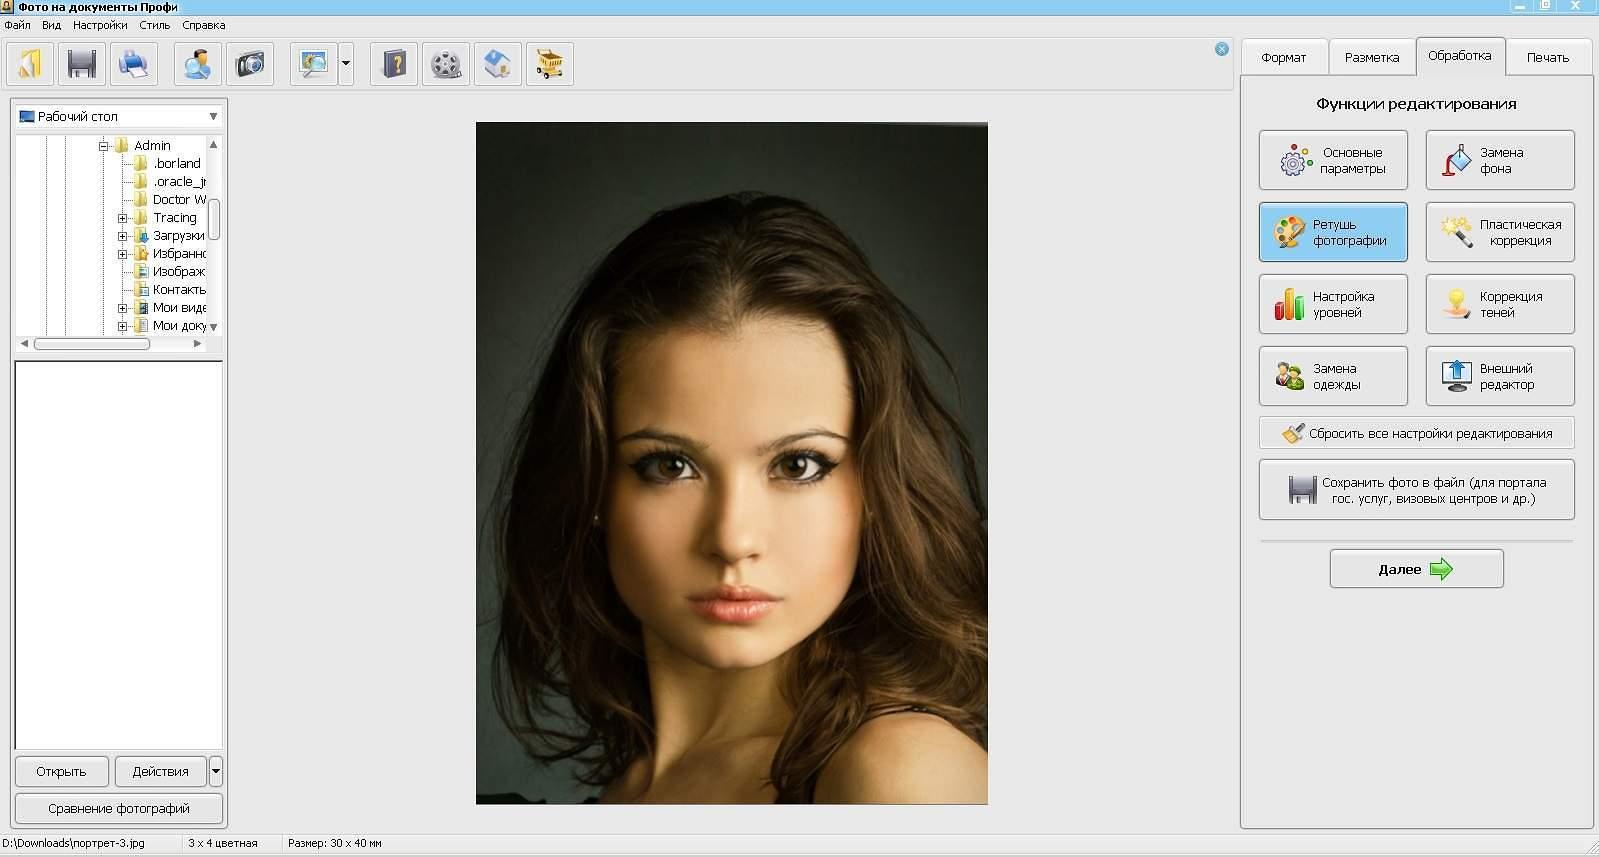 Как сделать фотографию рисунком чтобы распечатать